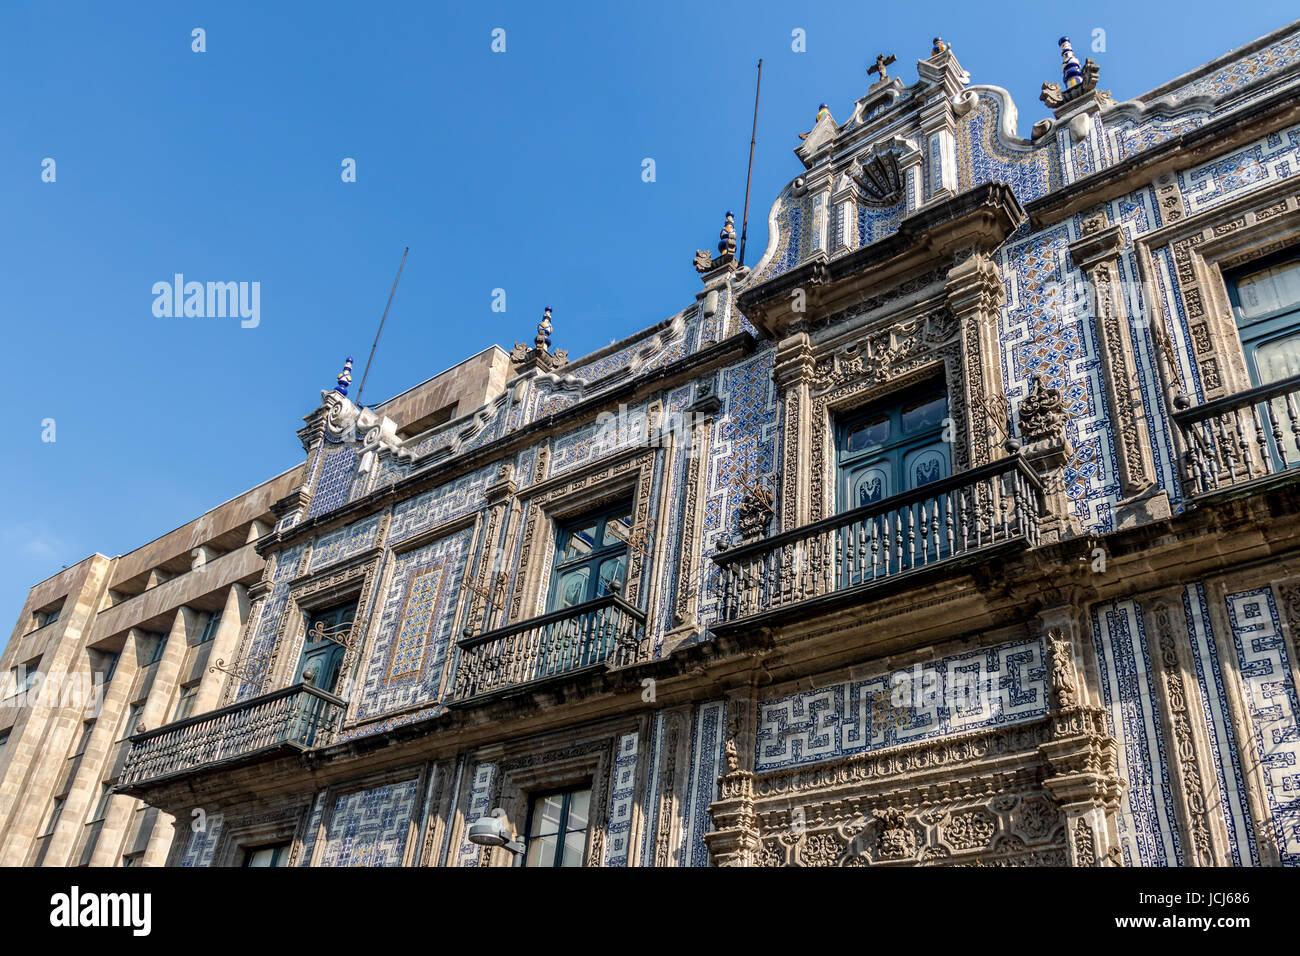 The House of Tiles (Casa de los Azulejos) - Mexico City, Mexico - Stock Image